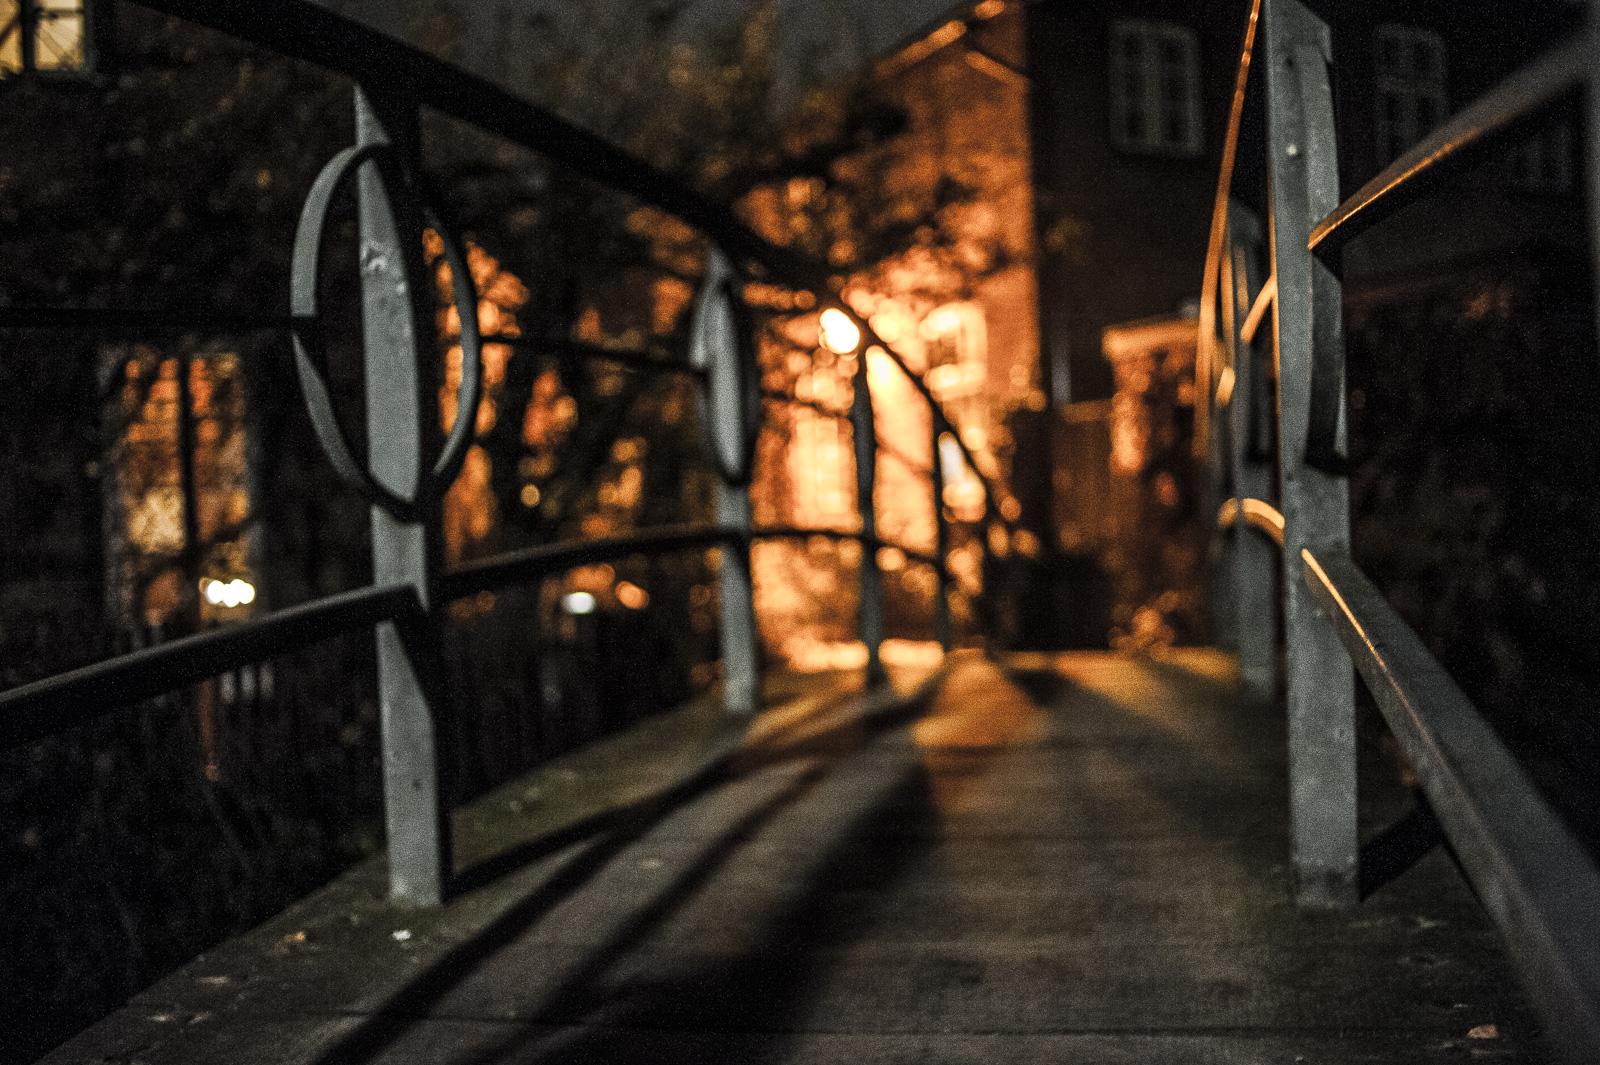 Blick über eine der Fußgänger-Brücken in der Bad Oldesloer Altstadt bei Nacht